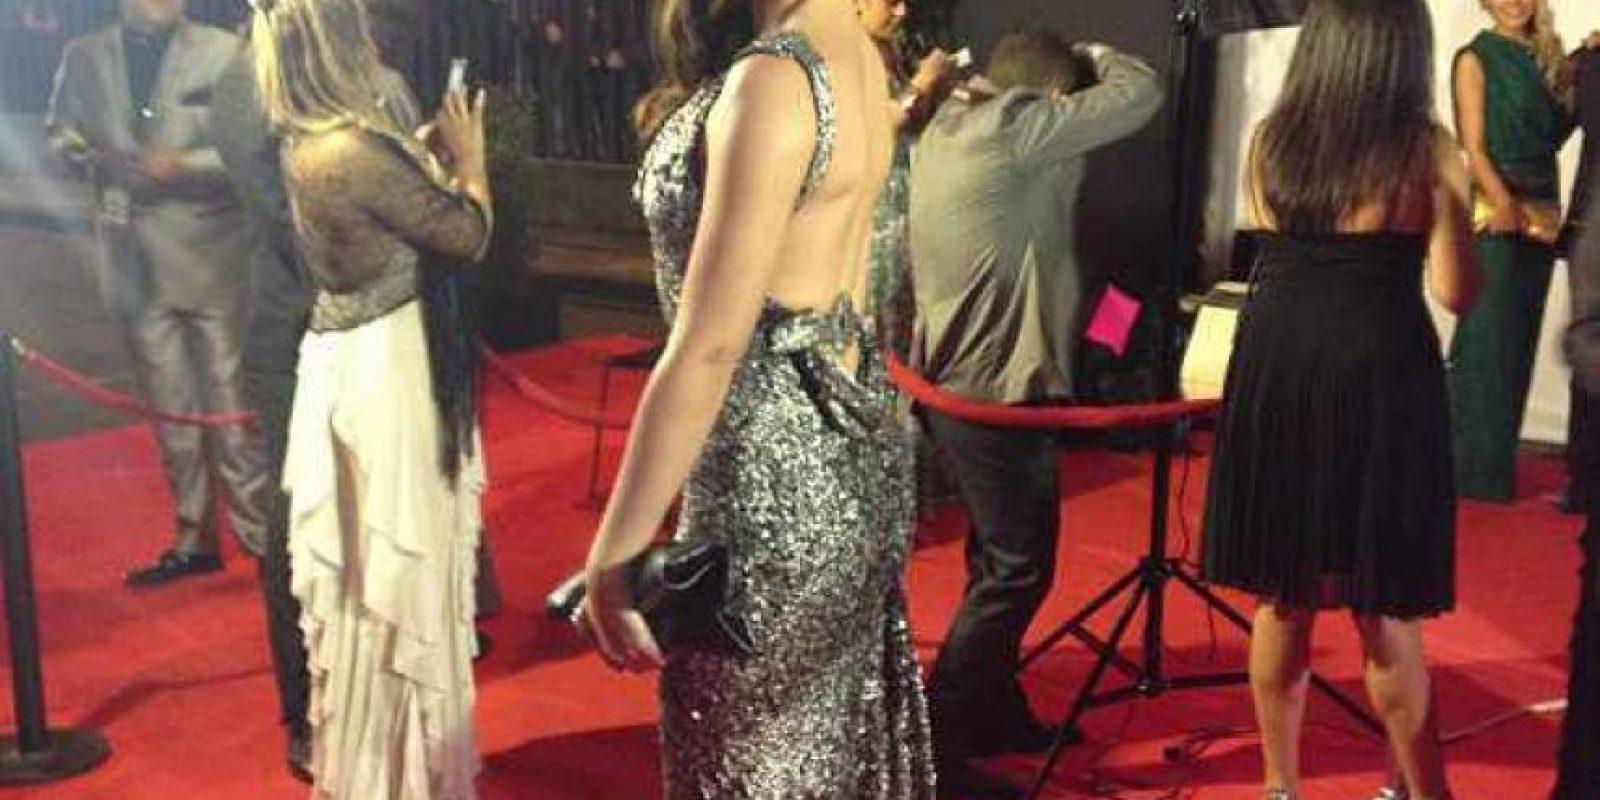 Taliana Vargas reunió todos los aspectos comunes de la alfombra roja de este año: Brillo, silueta ajustada y ciertos toques de diseño, incluido el cabello largo ladeado. Al ser ícono de la moda elegido por voto popular hace algún tiempo, debió arriesgarse un poco más. Foto:E! Online Latino/Instagram